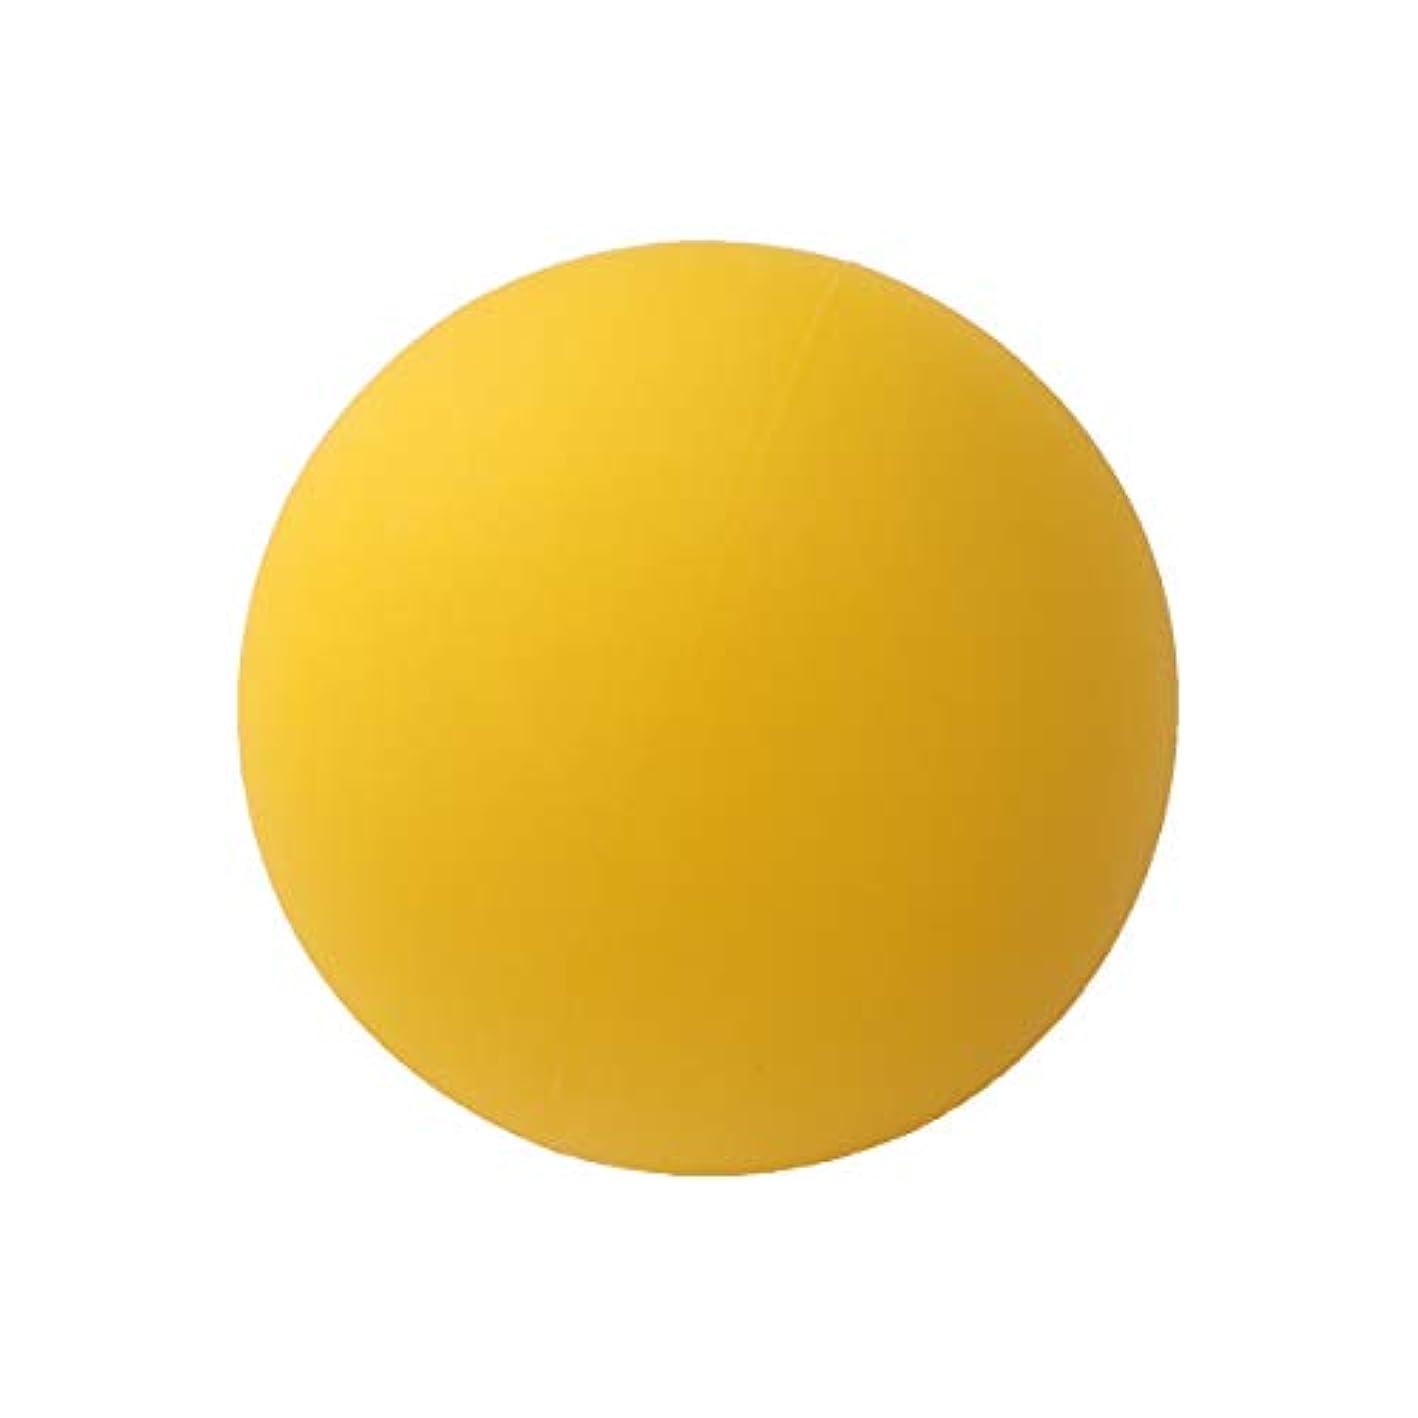 研究人気のグレートオークVORCOOL マッサージボール ヨガ ストレッチボール トリガーポイント 筋膜リリース トレーニング 背中 肩こり 腰 ふくらはぎ 足裏 ツボ押しグッズ 物理 マッサージ 療法ボール